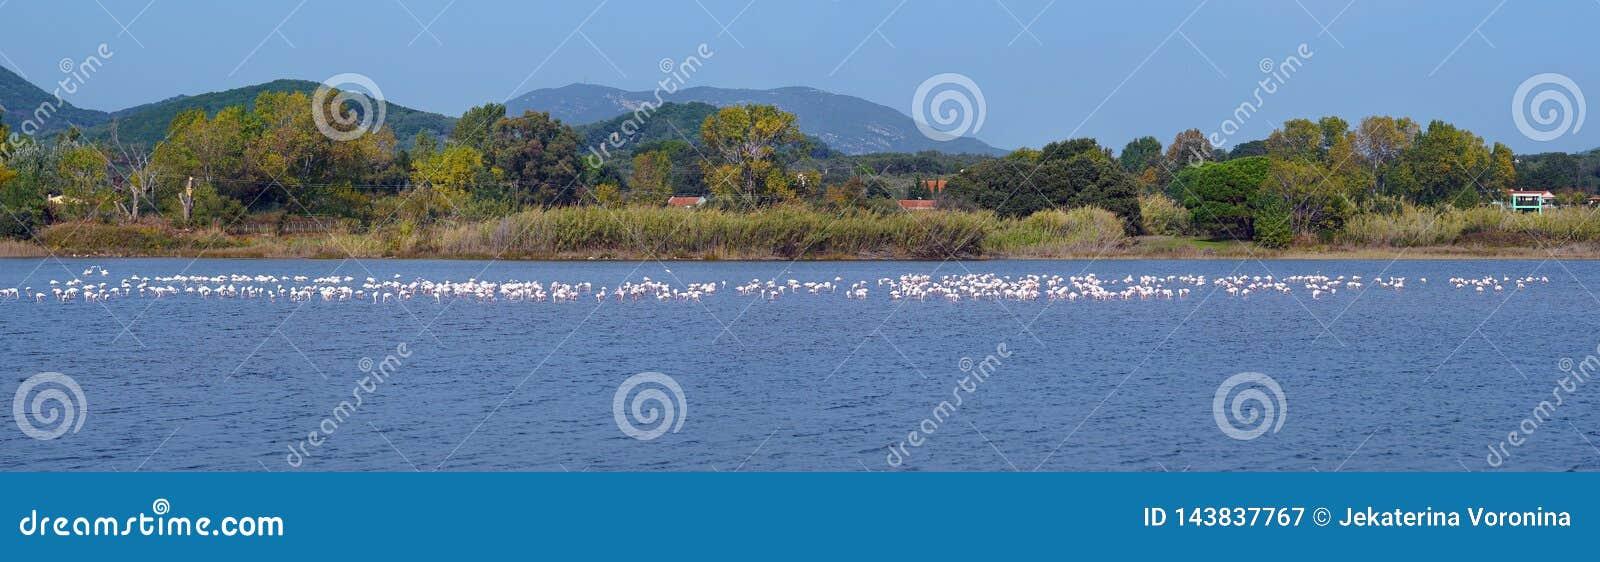 Sjön Korission är ett mycket viktigt ekosystem av Korfu, var många flyttfåglar som rosa flamingo stoppar